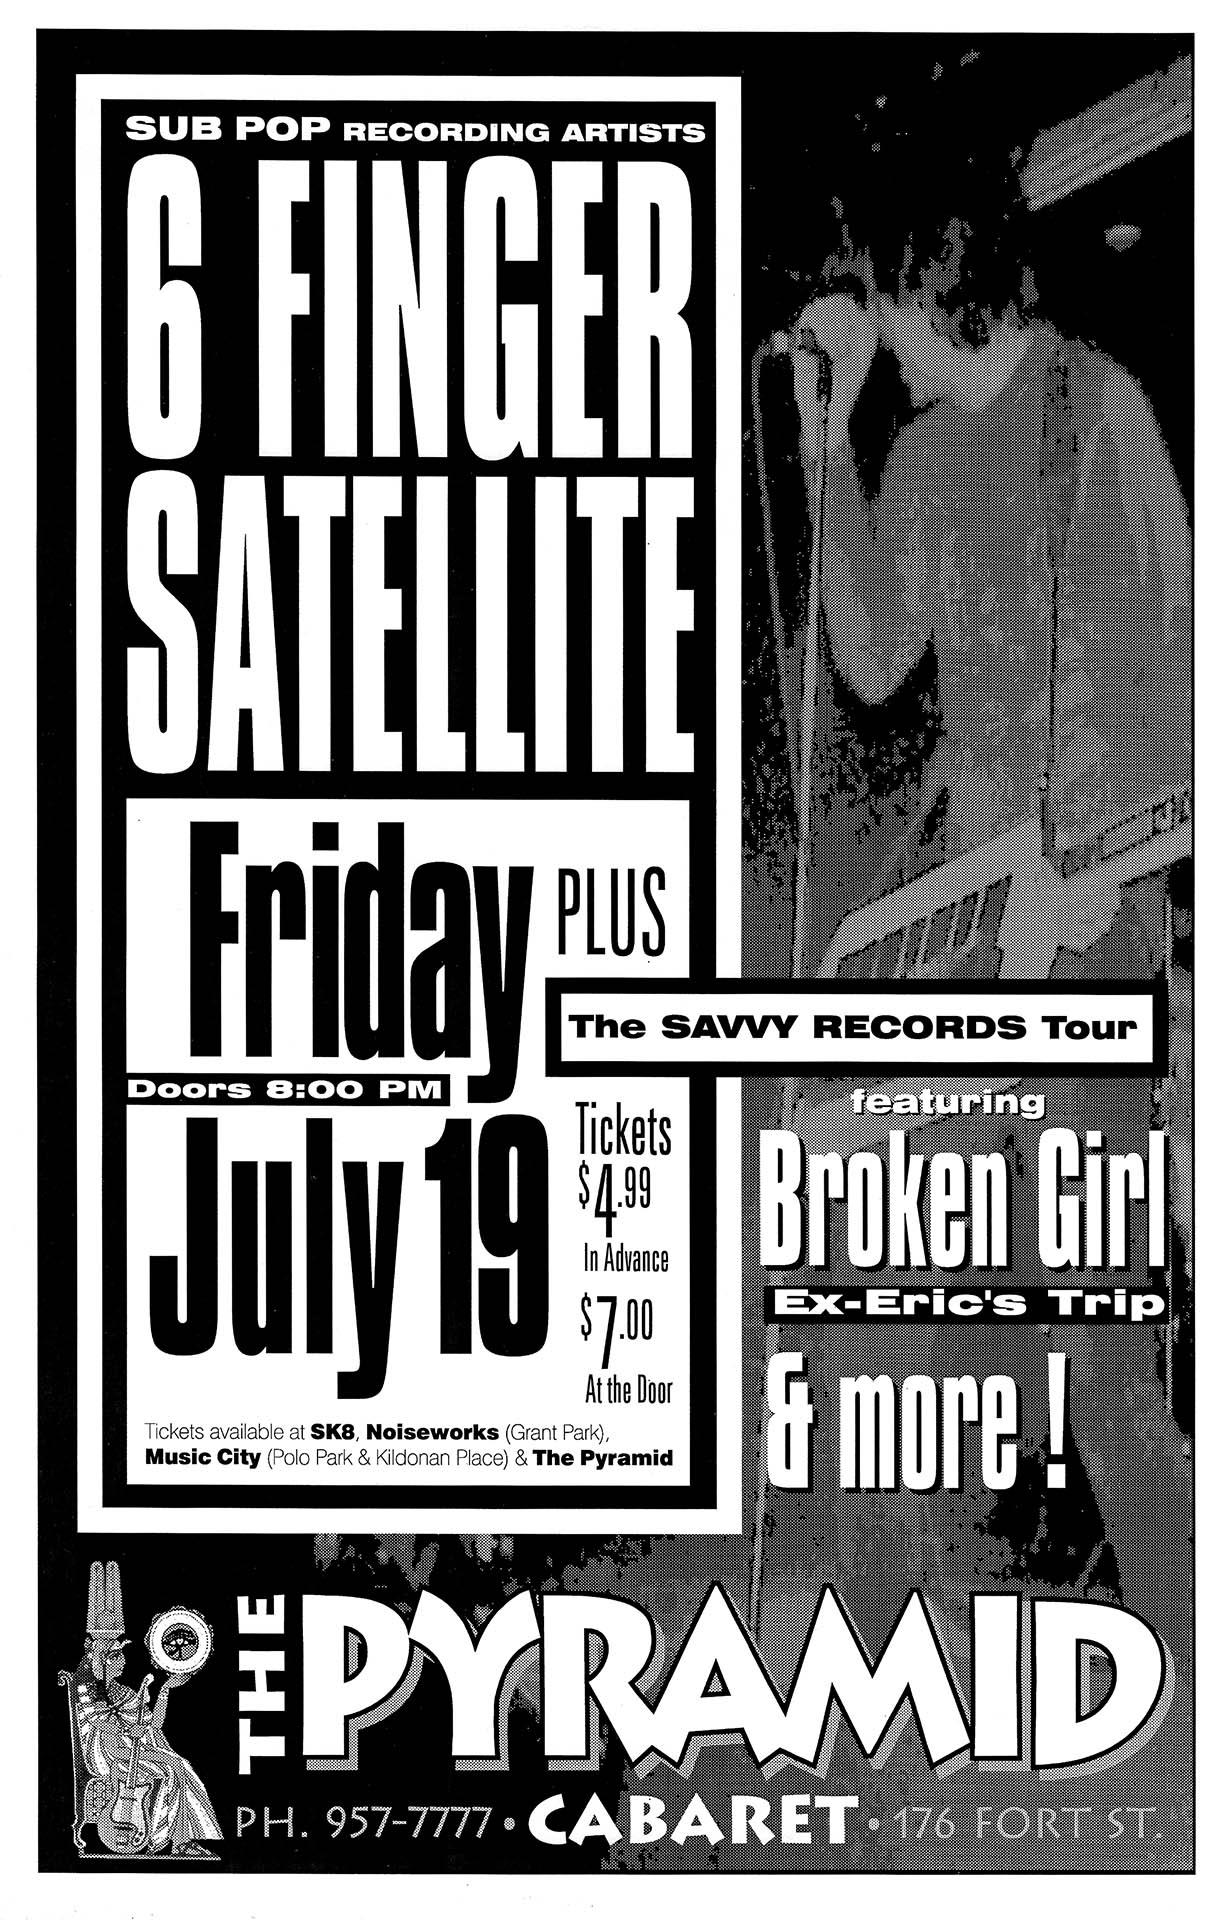 Six Finger Satellite - 1996